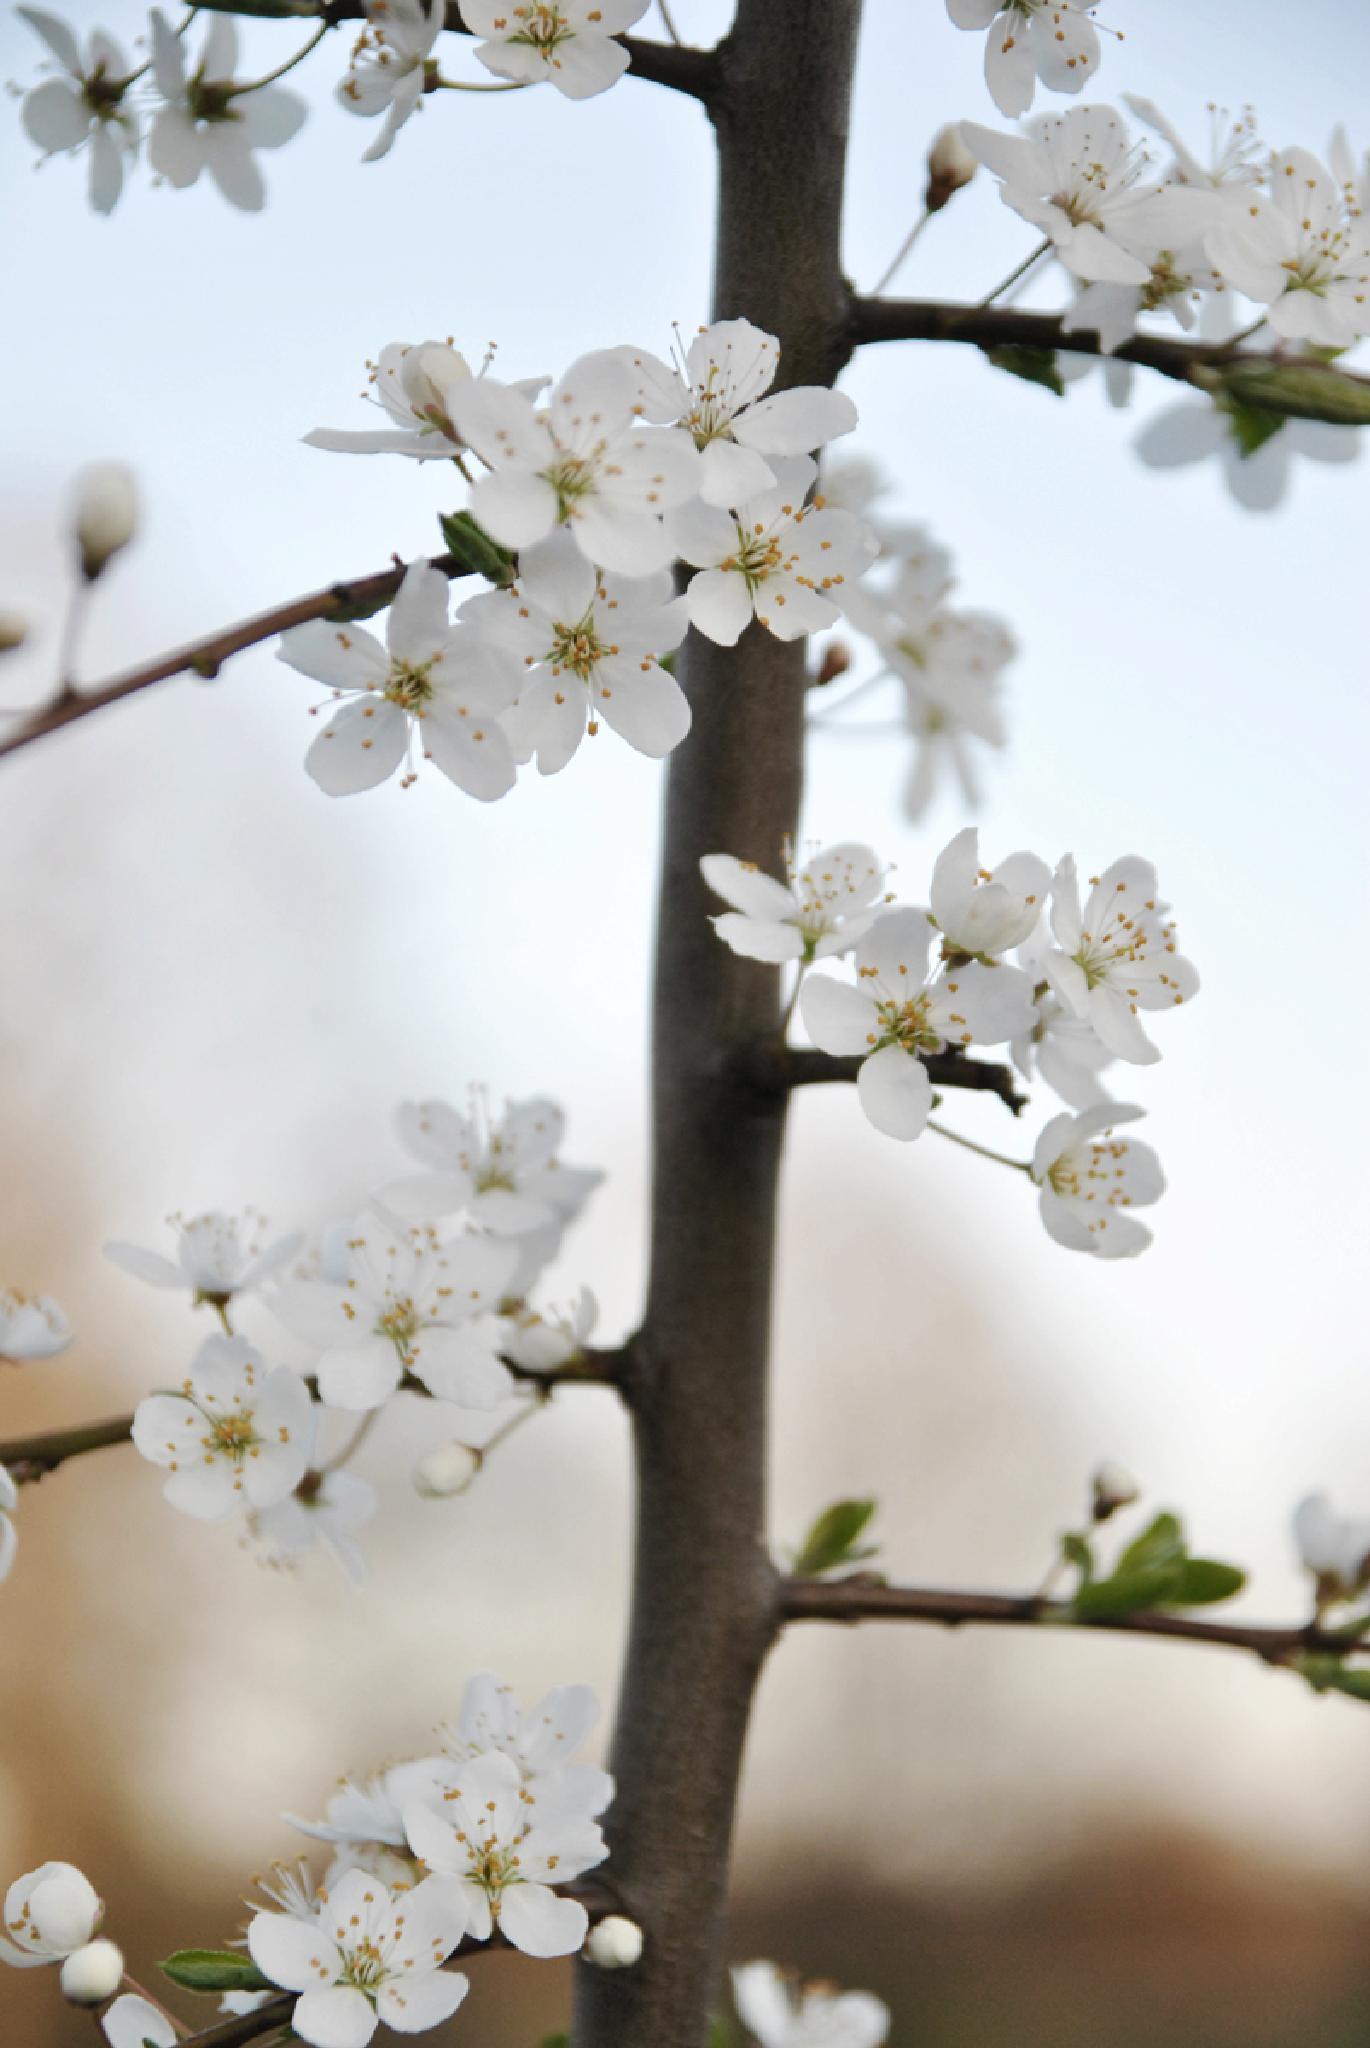 White Flowers by Jennie Sand